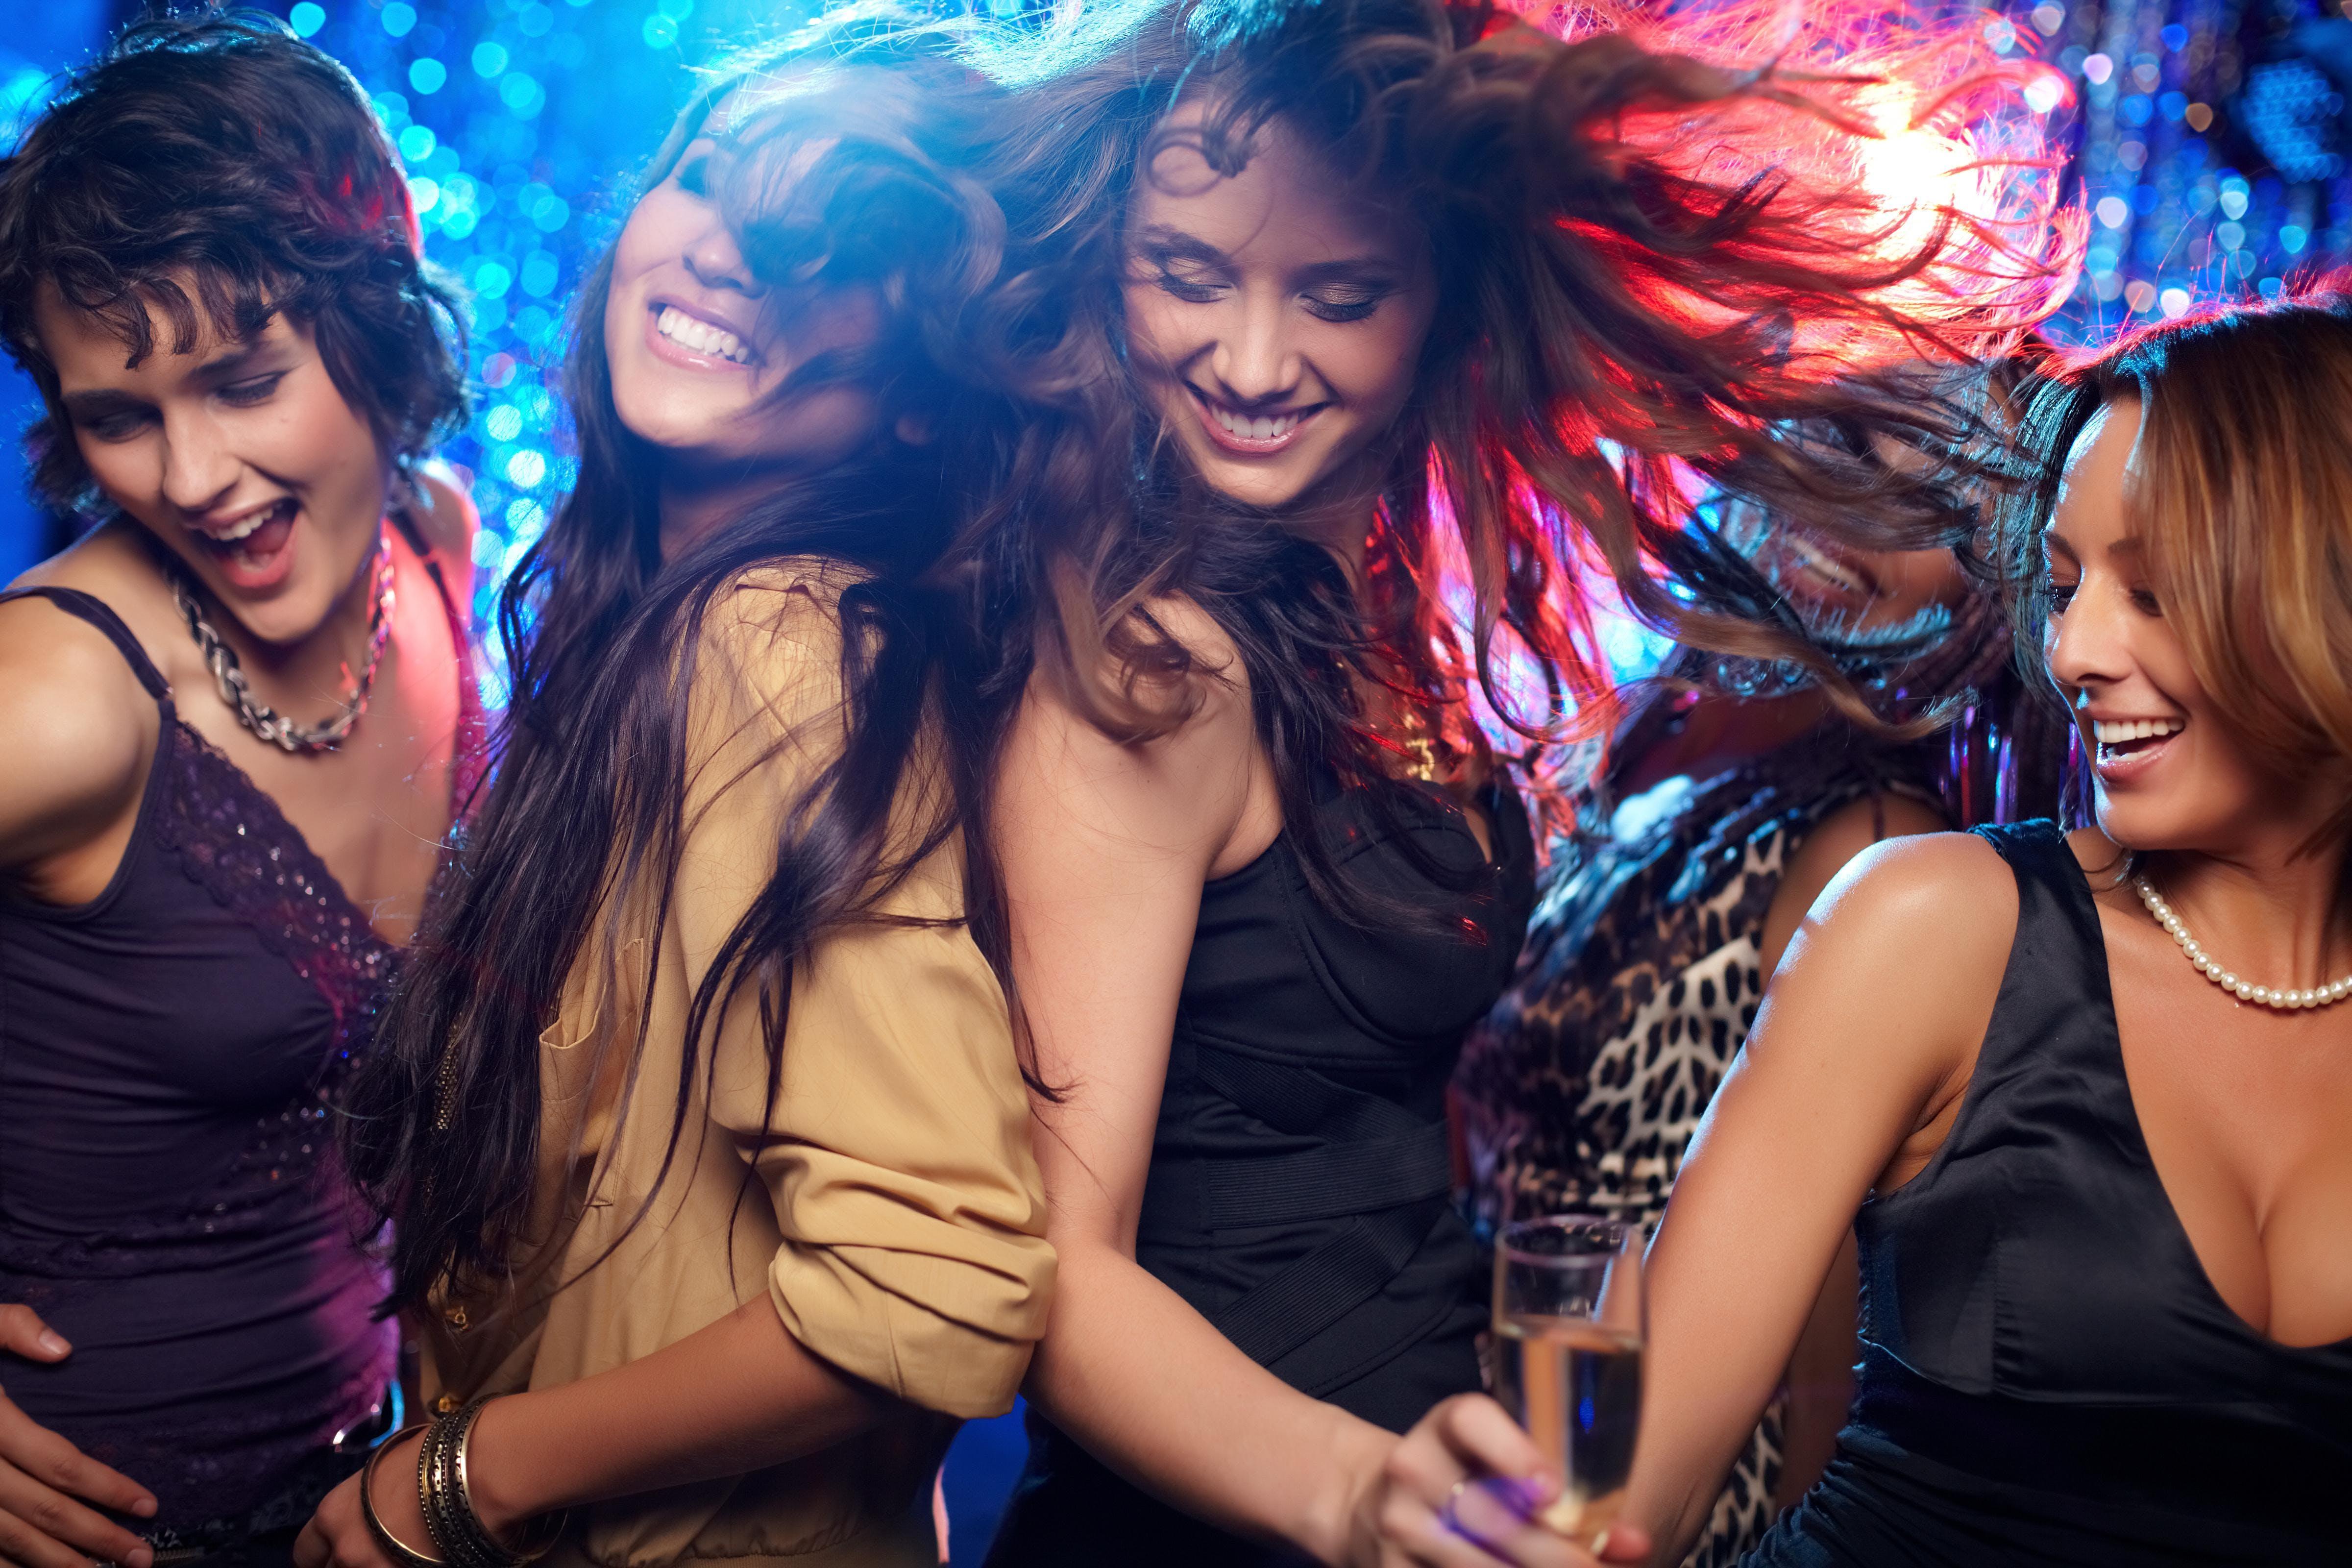 смотреть студенты отрываются в ночном клубе должна очень